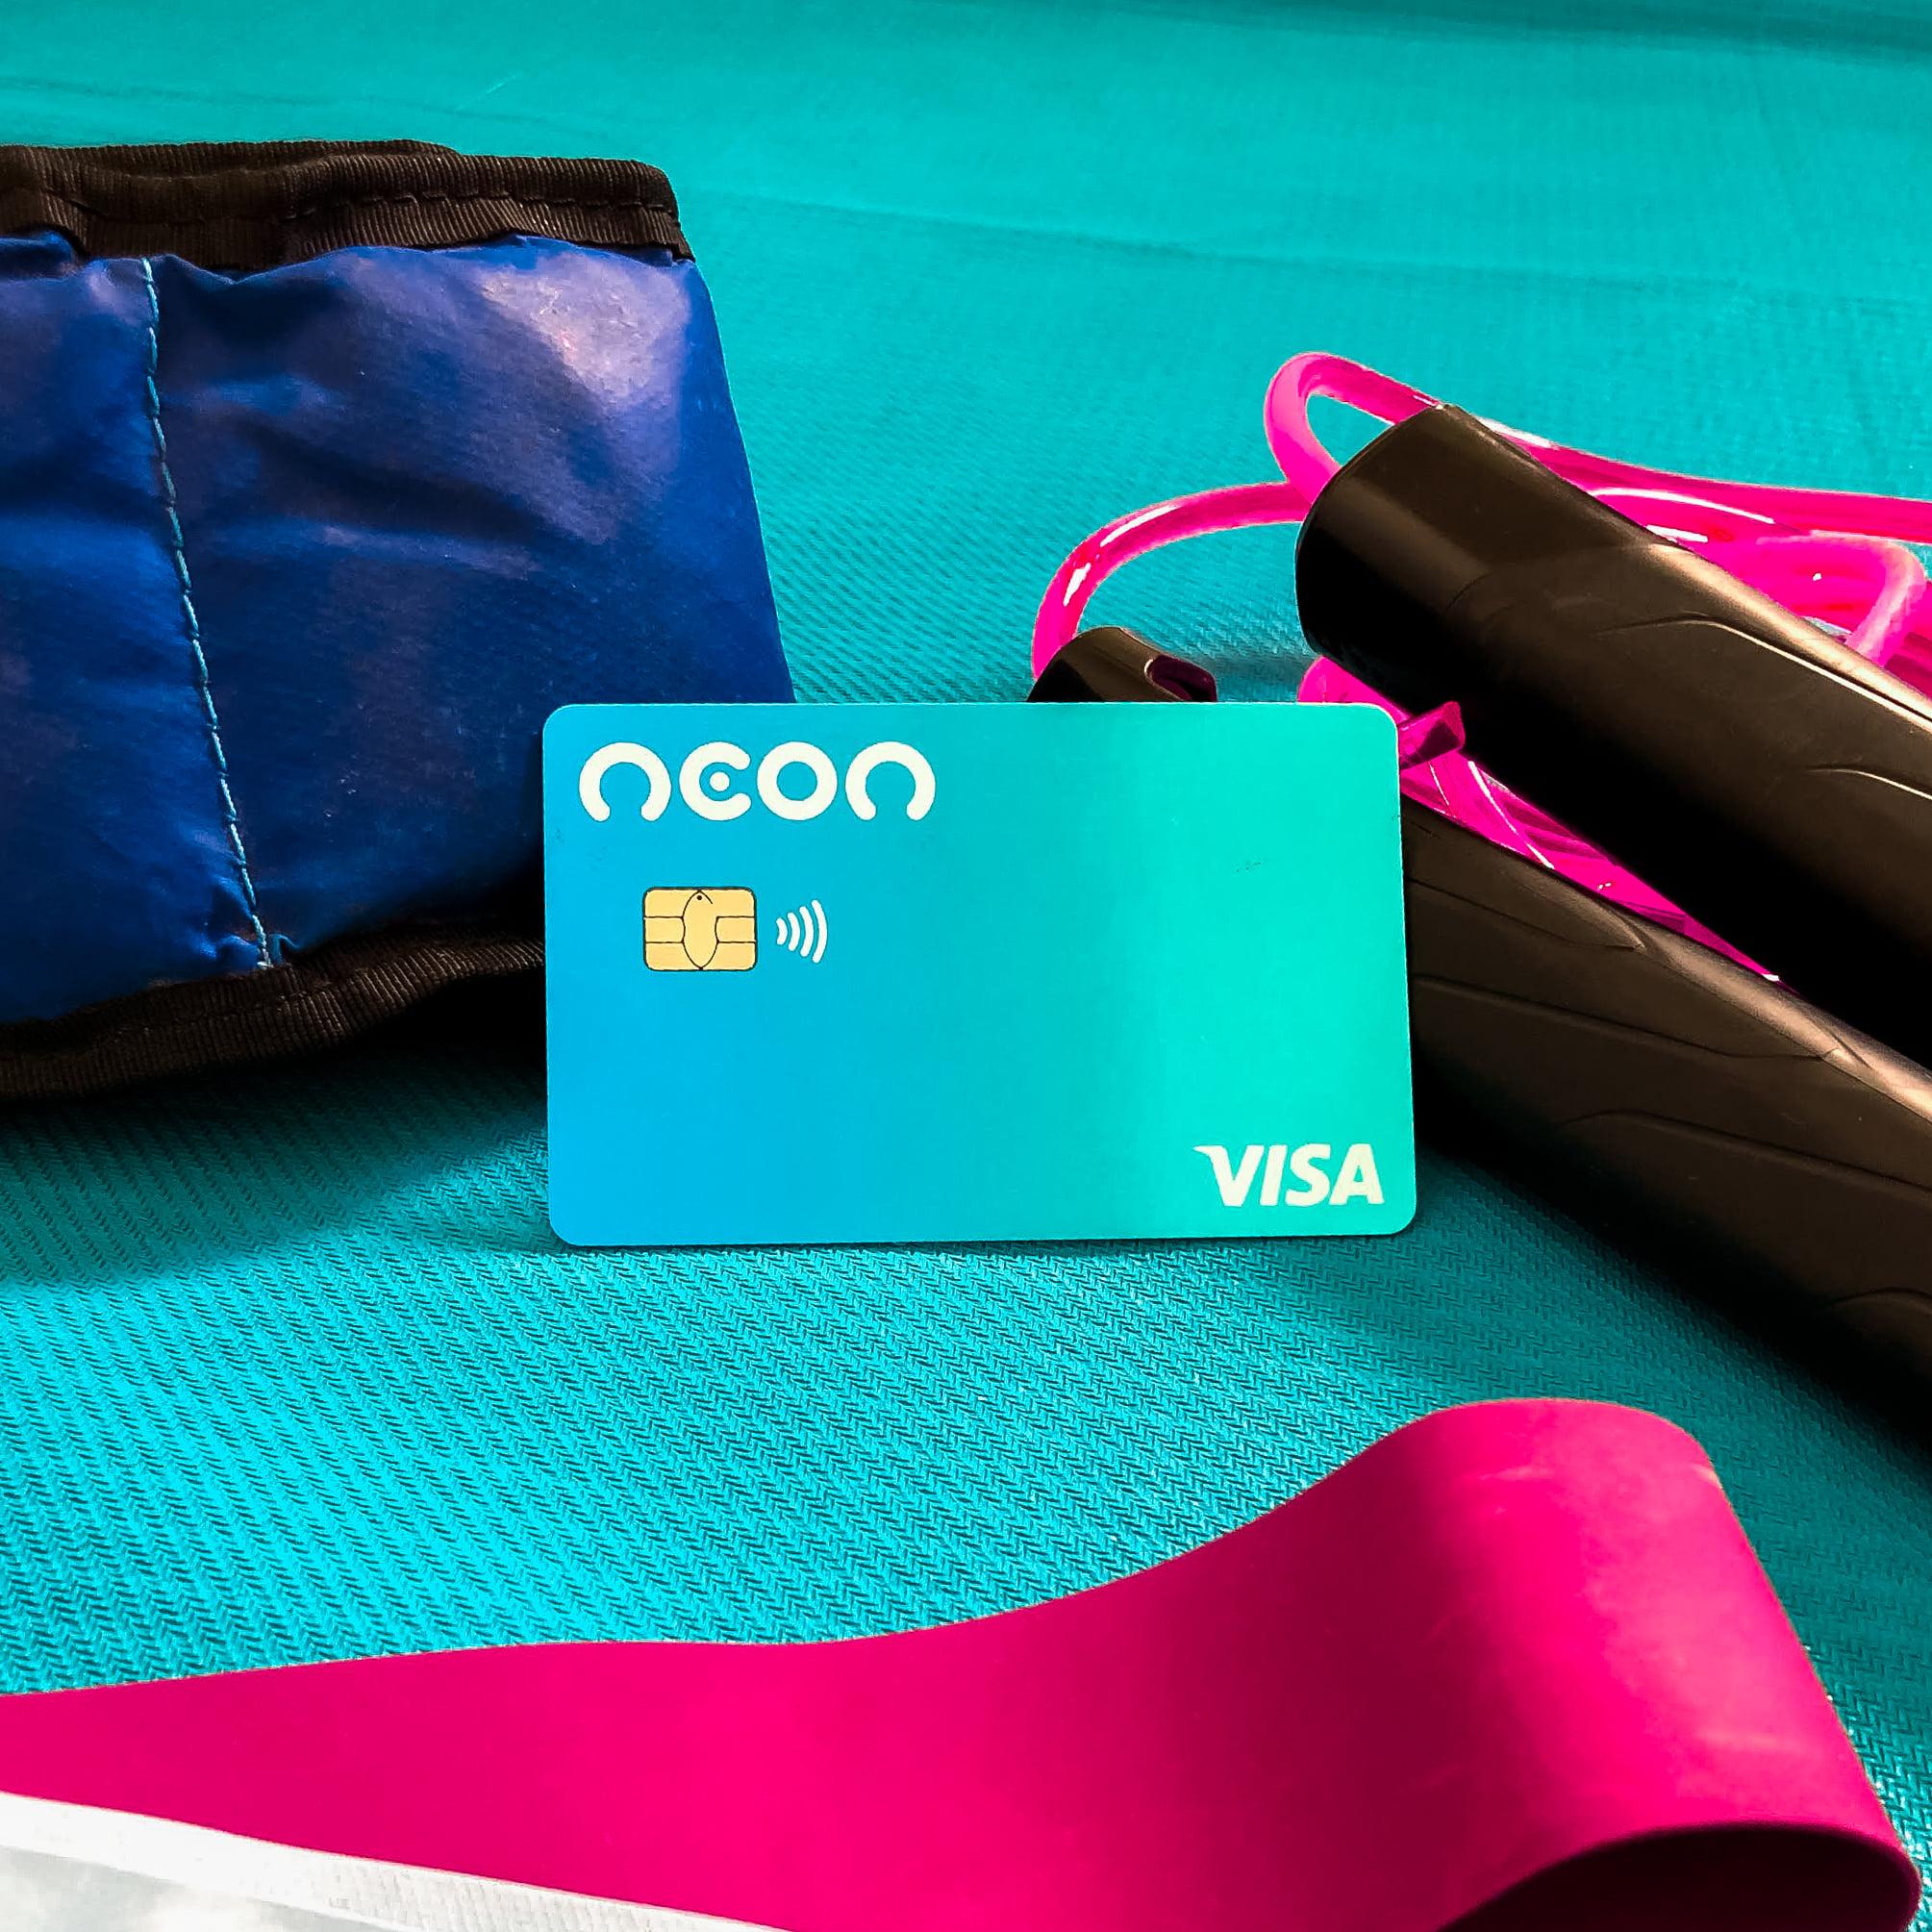 Neon cierra una ronda de $300 millones gracias al apoyo de General Atlantic y Vulcan Capital